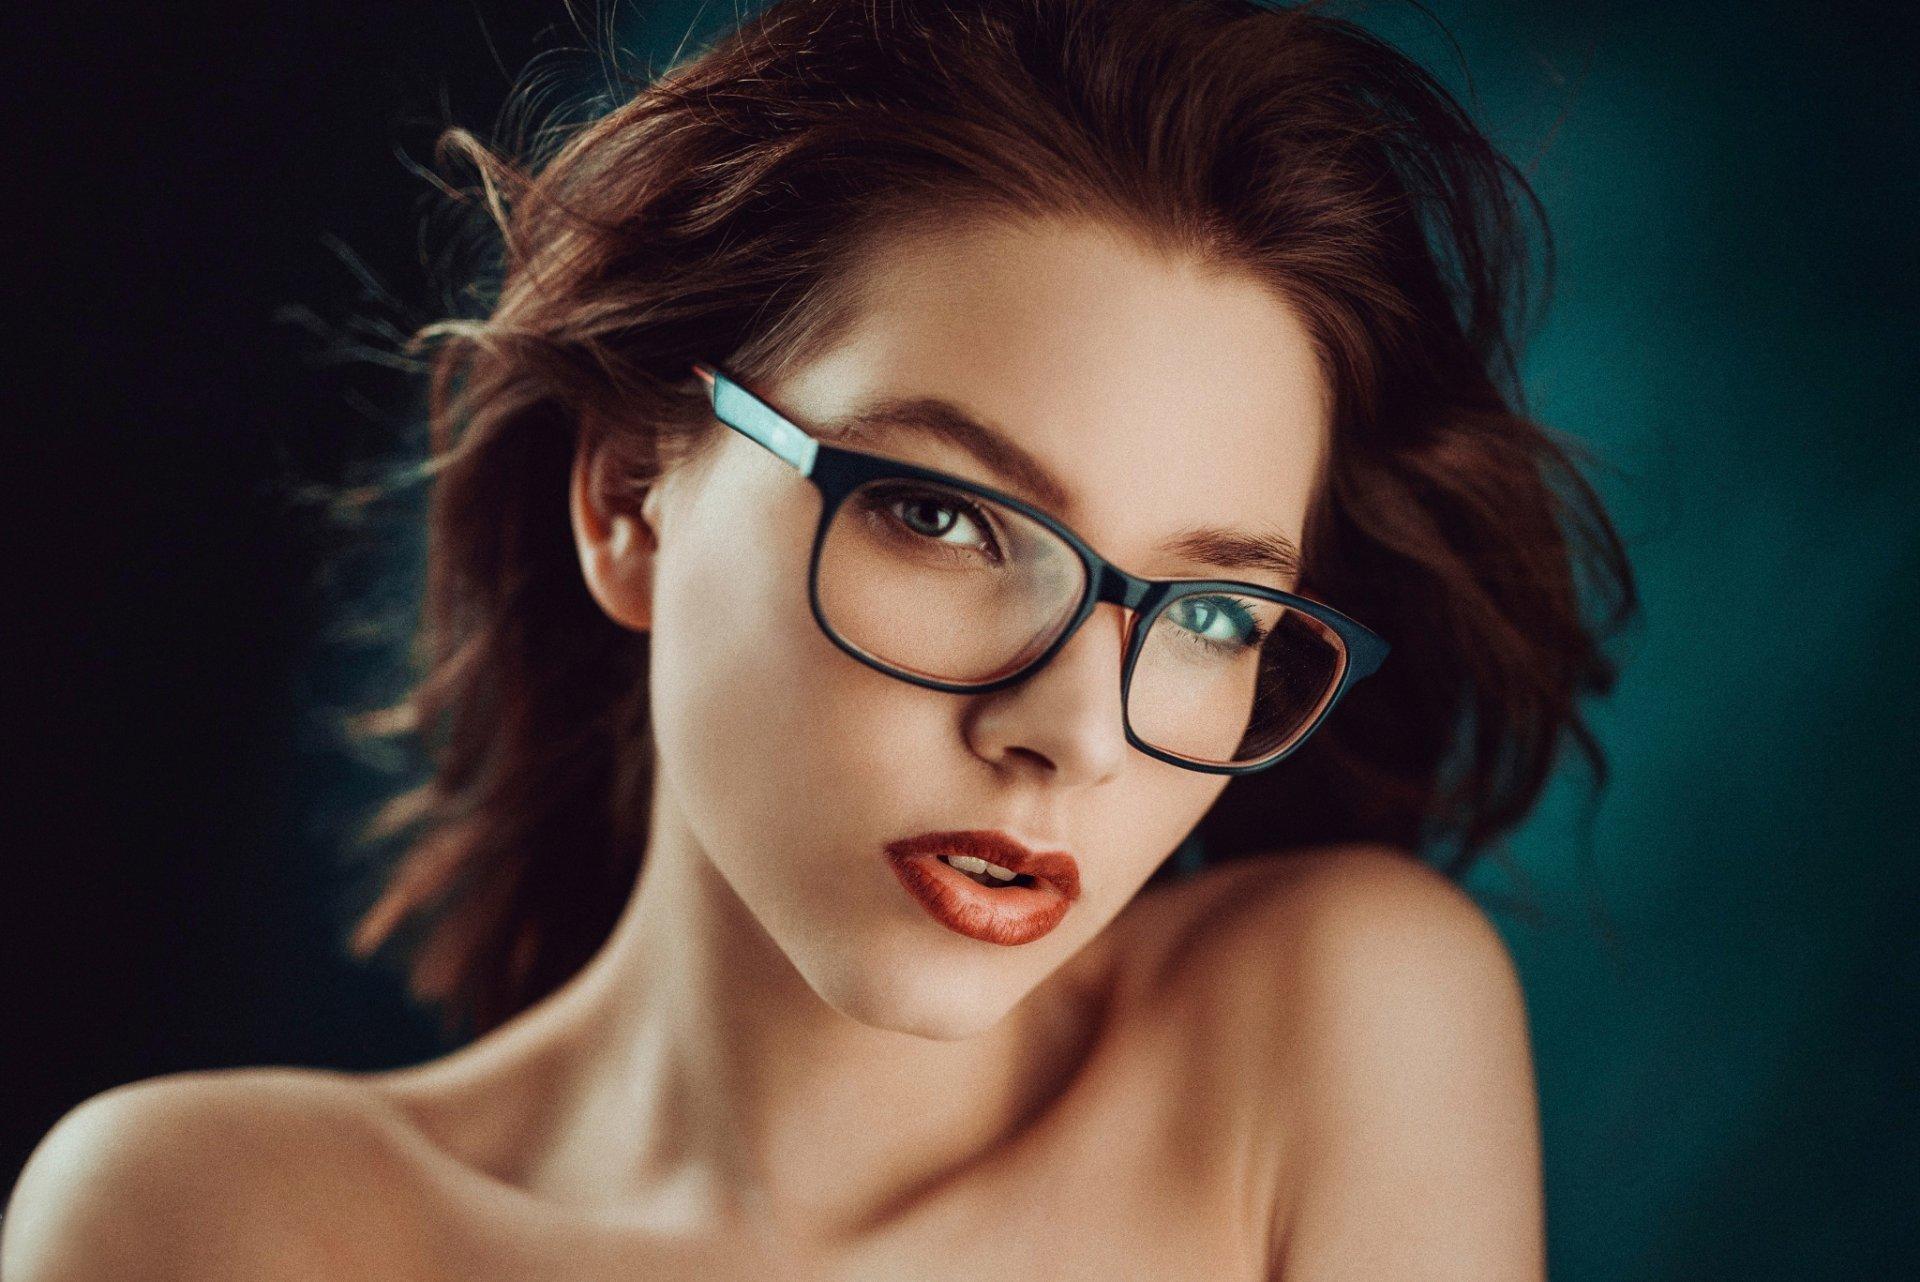 большим ассортиментом фото в очках и без поваром, каждый